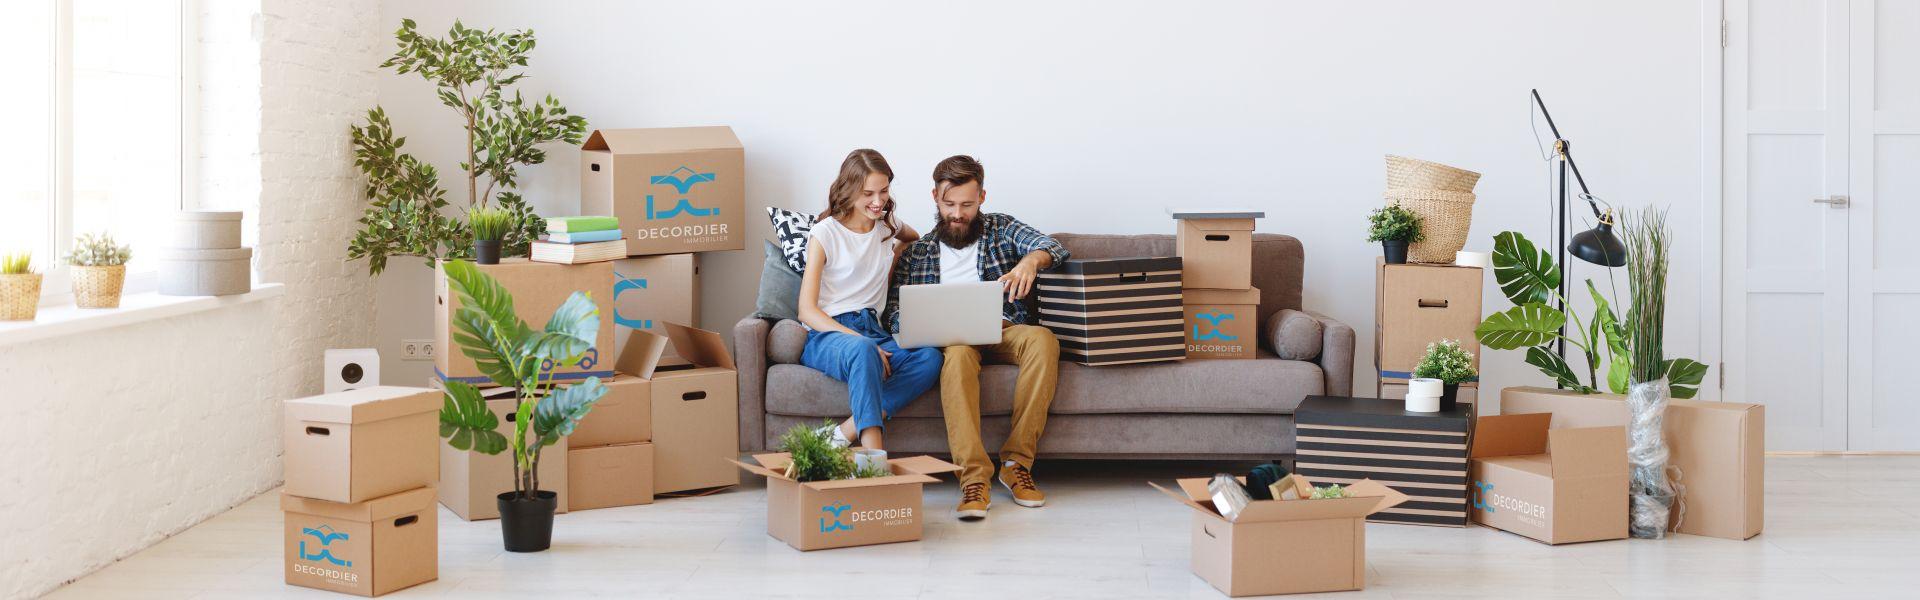 Demande d'estimation gratuite auprès de - DECORDIER immobilier